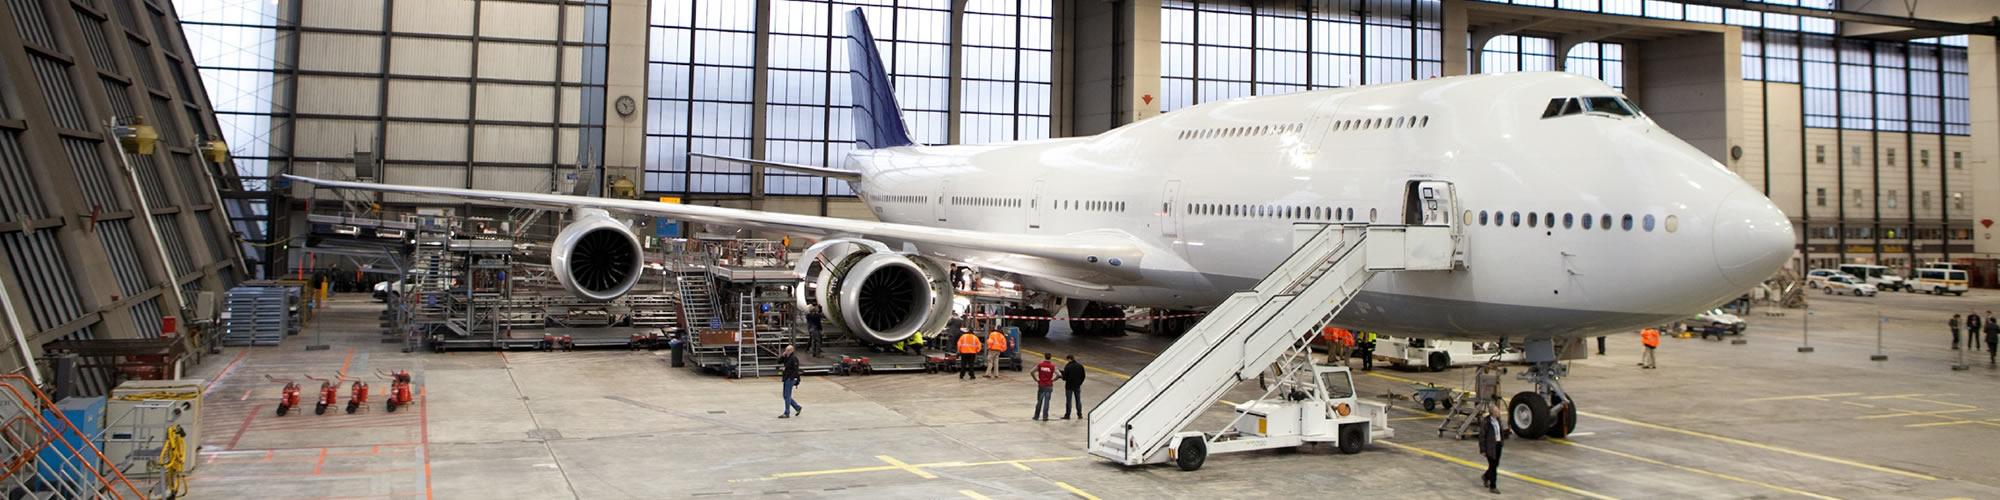 747-in-MRO